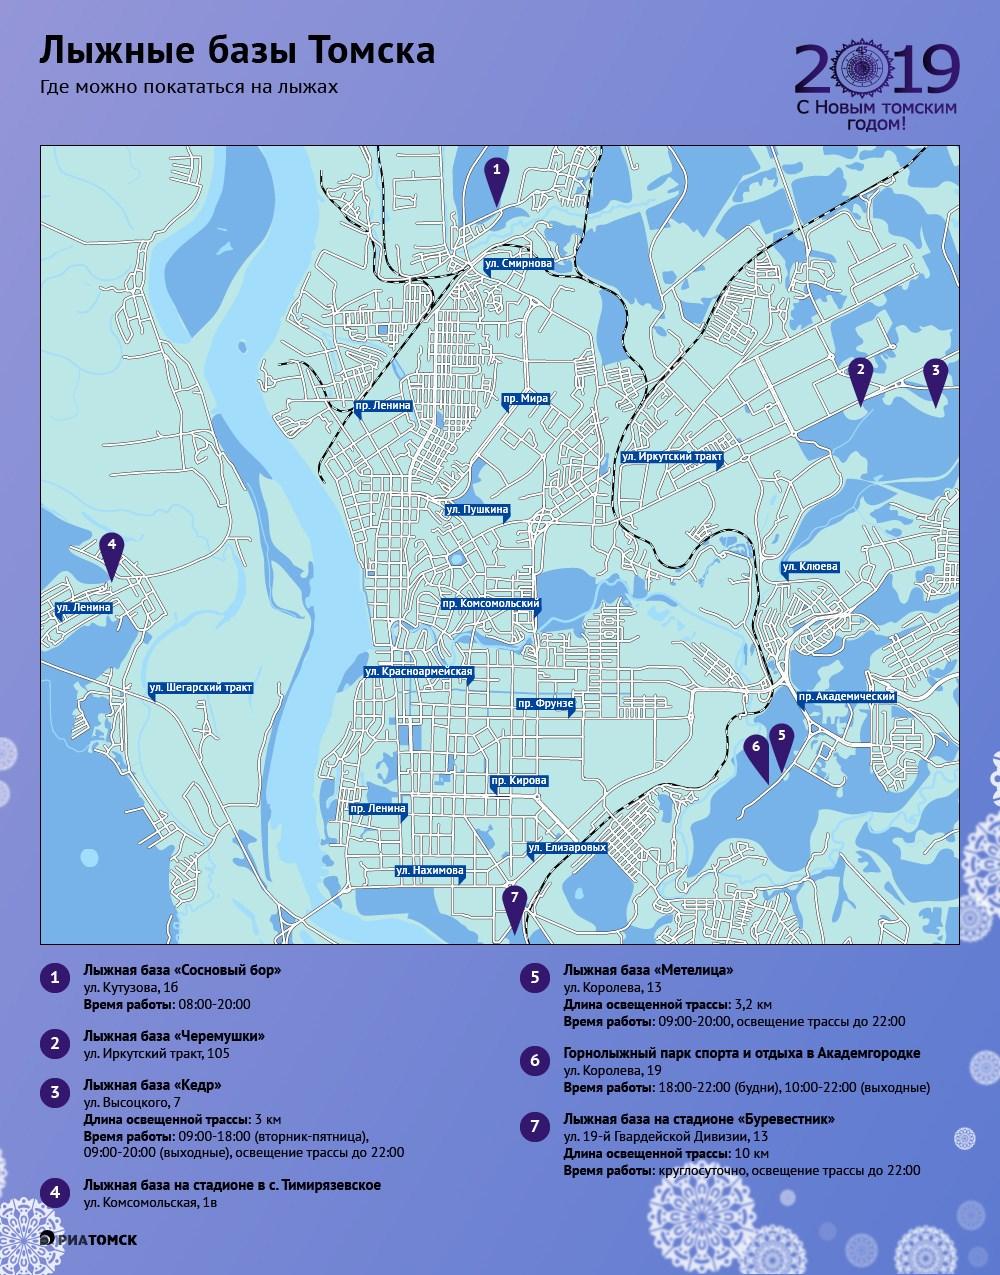 Найти подходящее место для лыжных прогулок в черте города поможет инфографика РИА Томск.